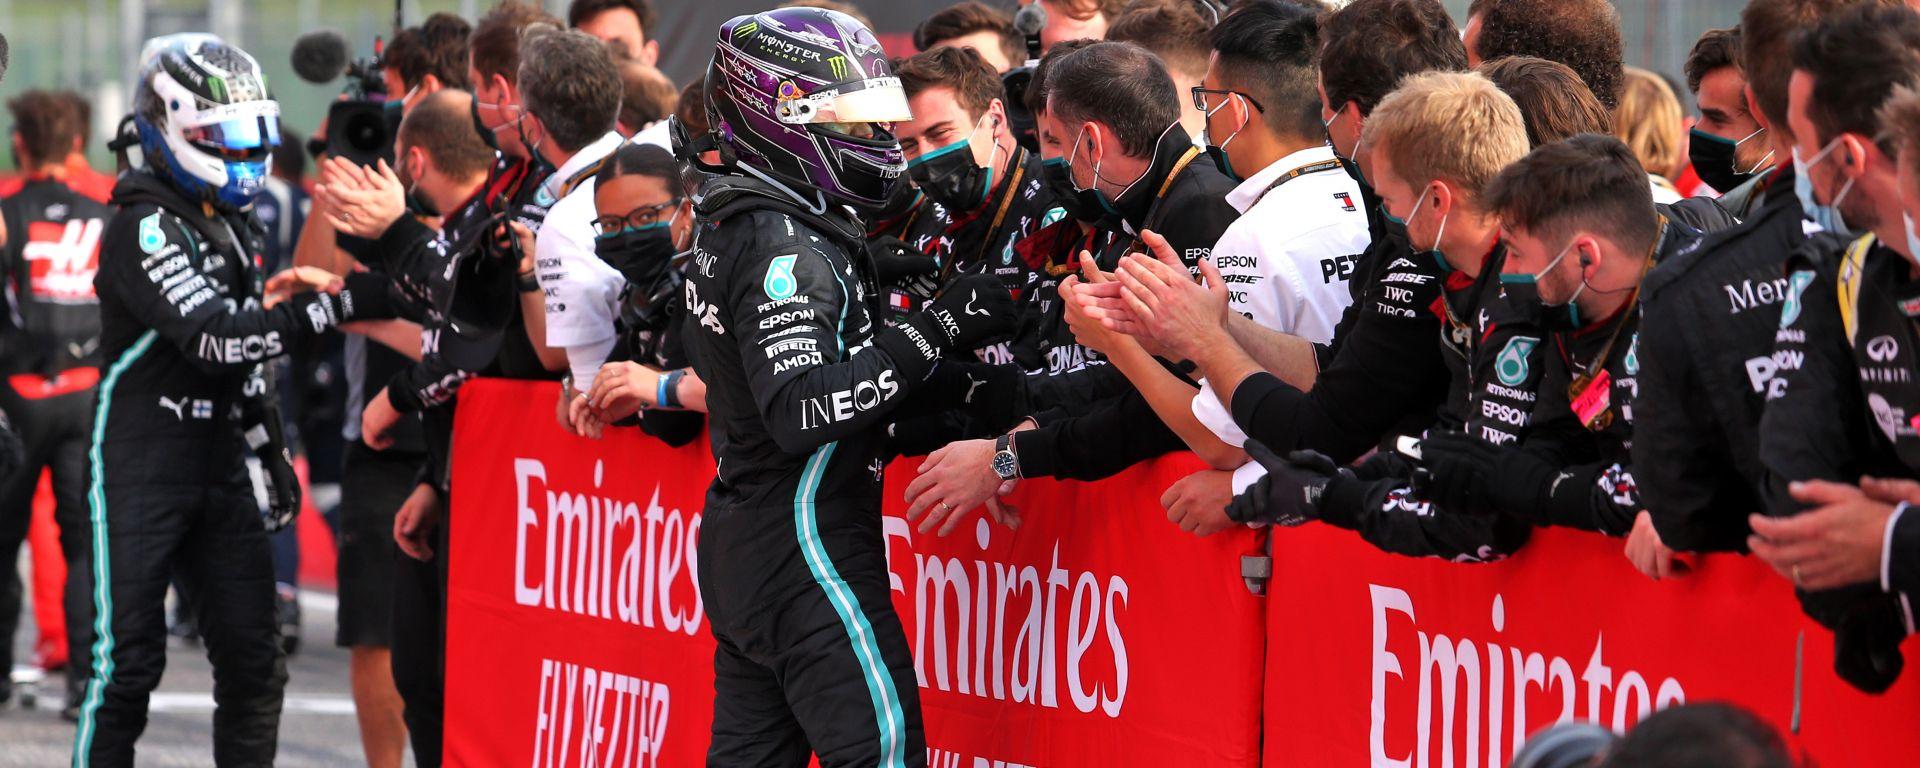 F1 GP Emilia Romagna 2020, Imola: Lewis Hamilton e Valtteri Bottas festeggiano il titolo Mercedes